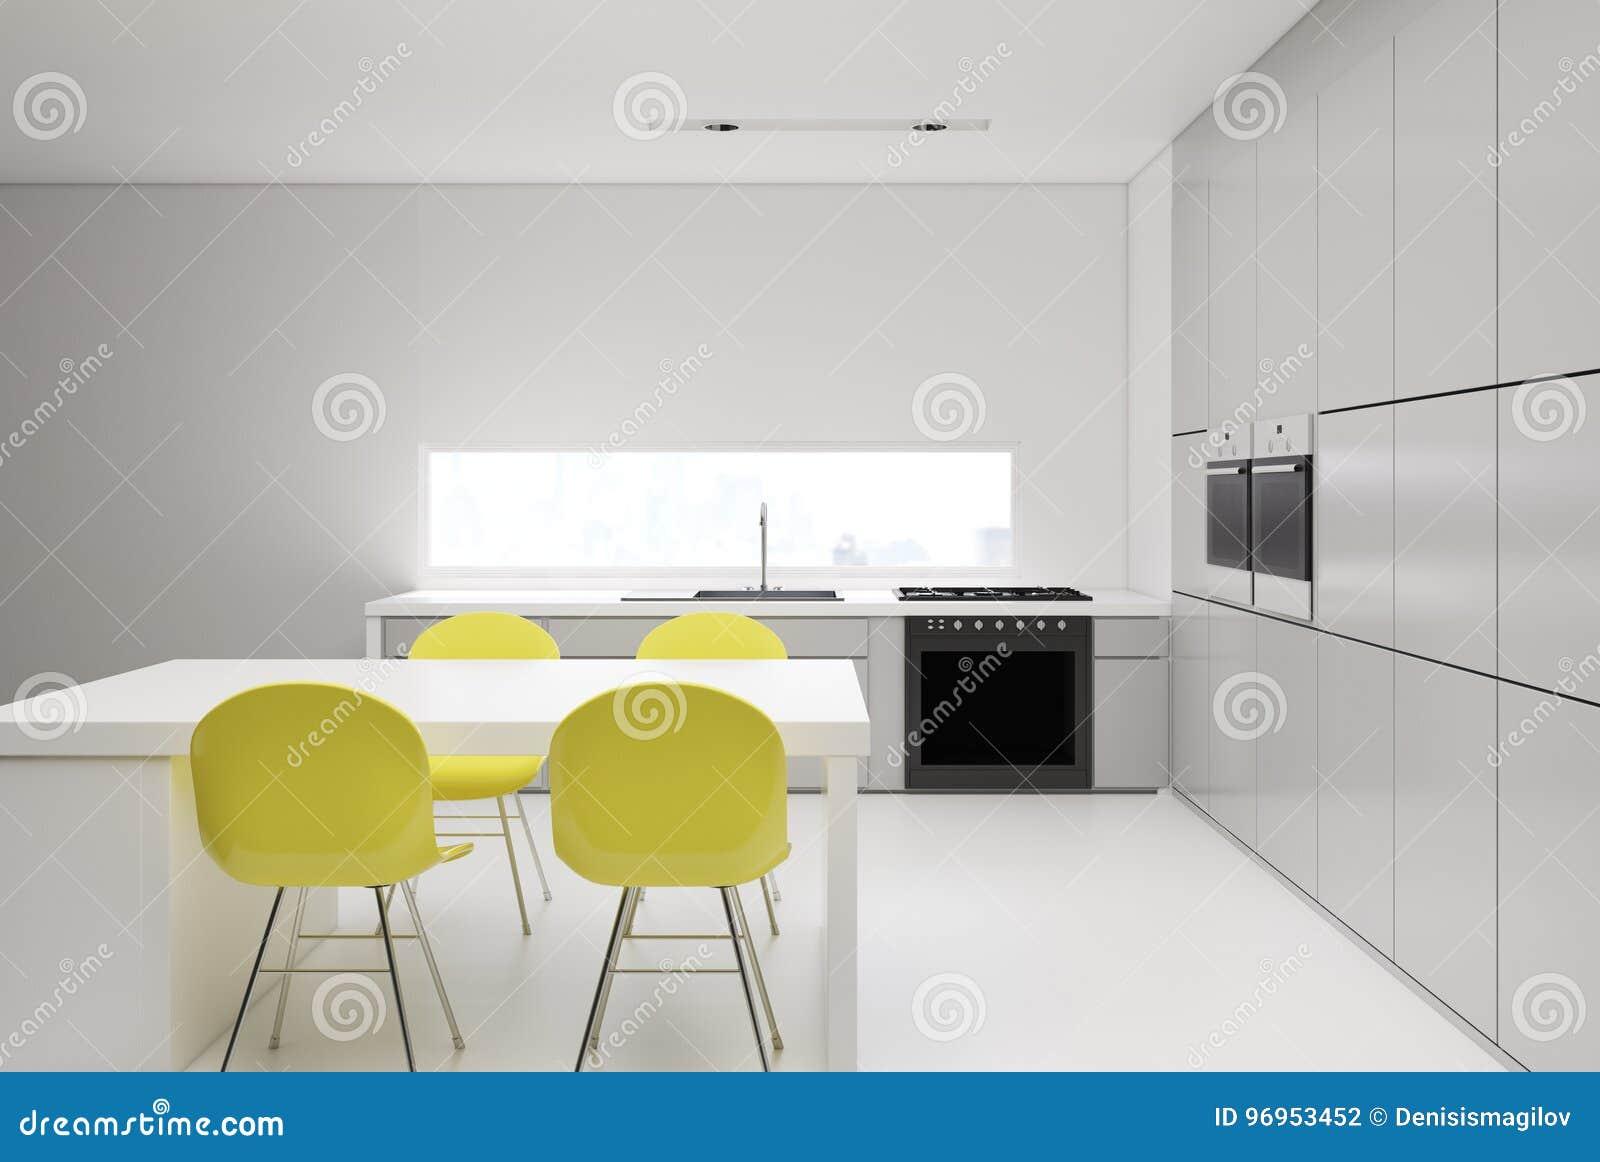 Sedie Gialle Da Cucina.Cucina Con Le Sedie Gialle Illustrazione Di Stock Illustrazione